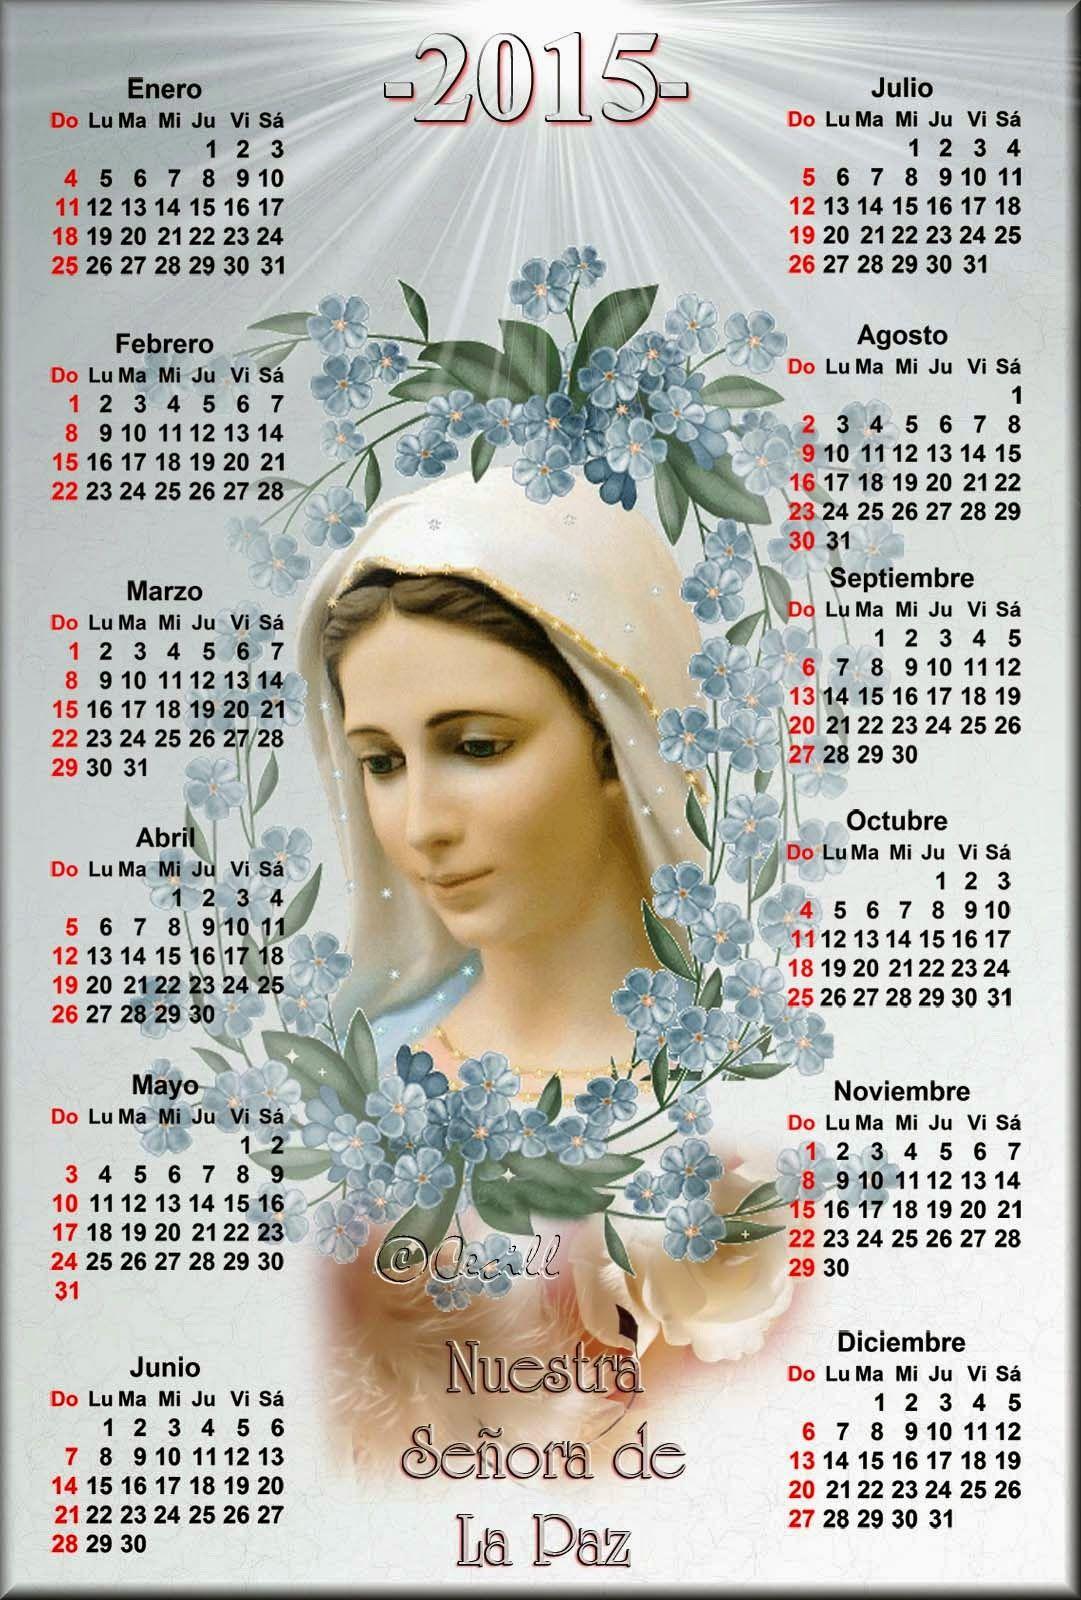 Vidas Santas: Calendario de la Virgen María Reina de la Paz, 2015